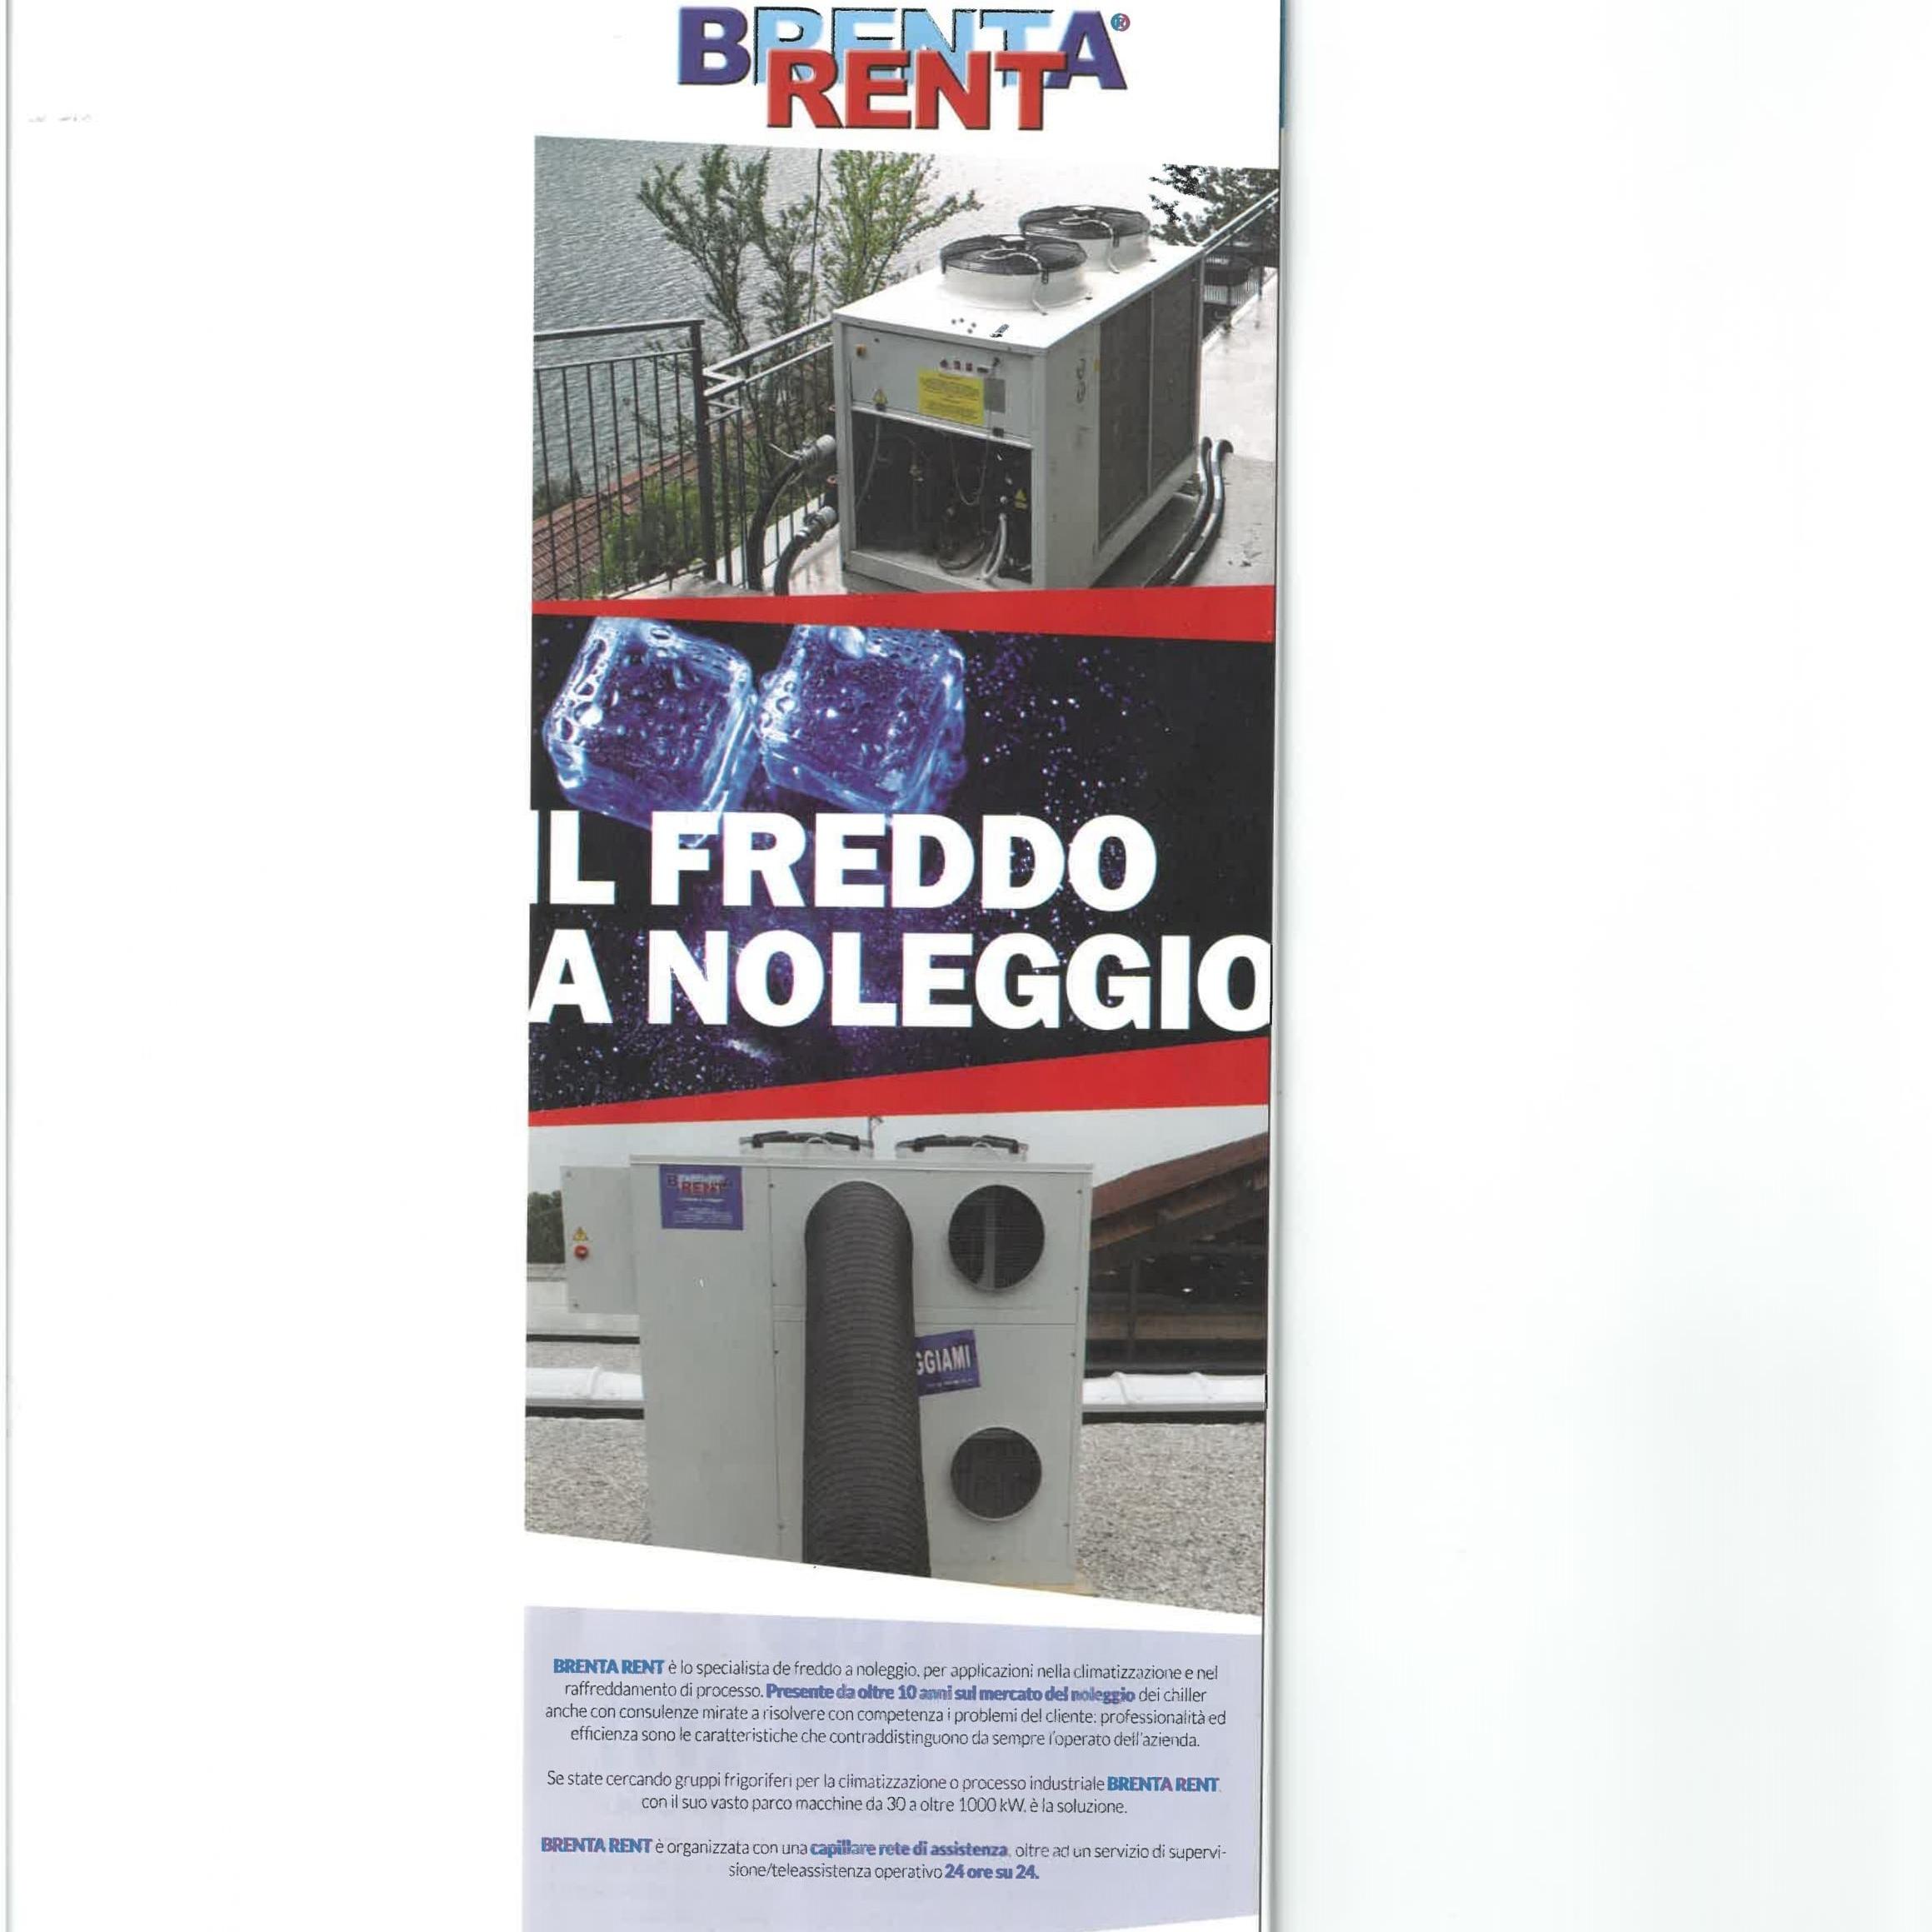 AICARR BRENTA